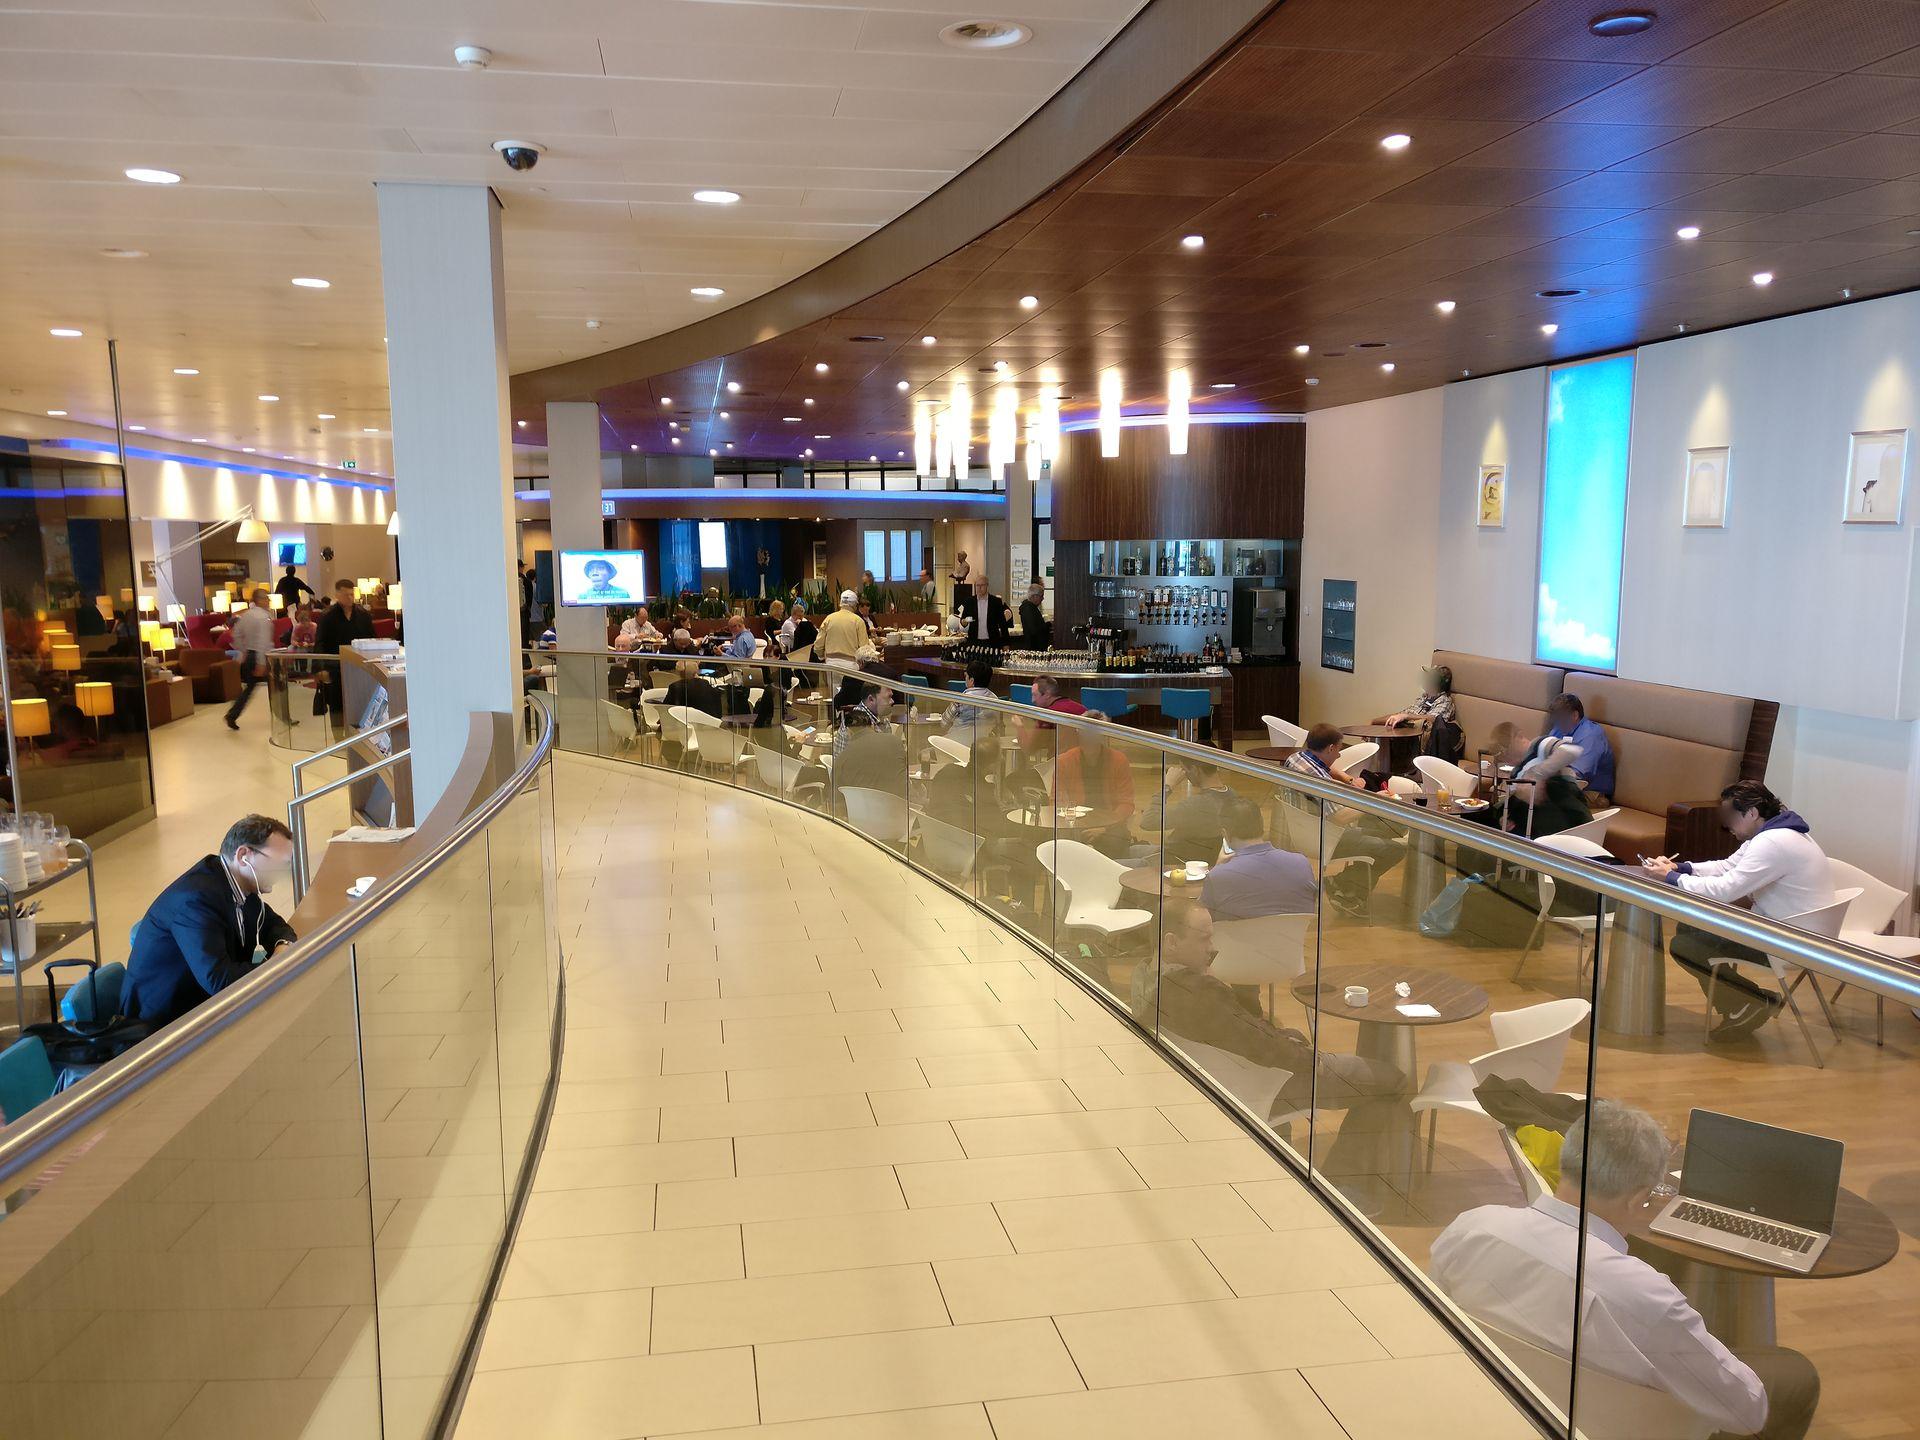 KLM Crown Lounge Amsterdam Non-Schengen